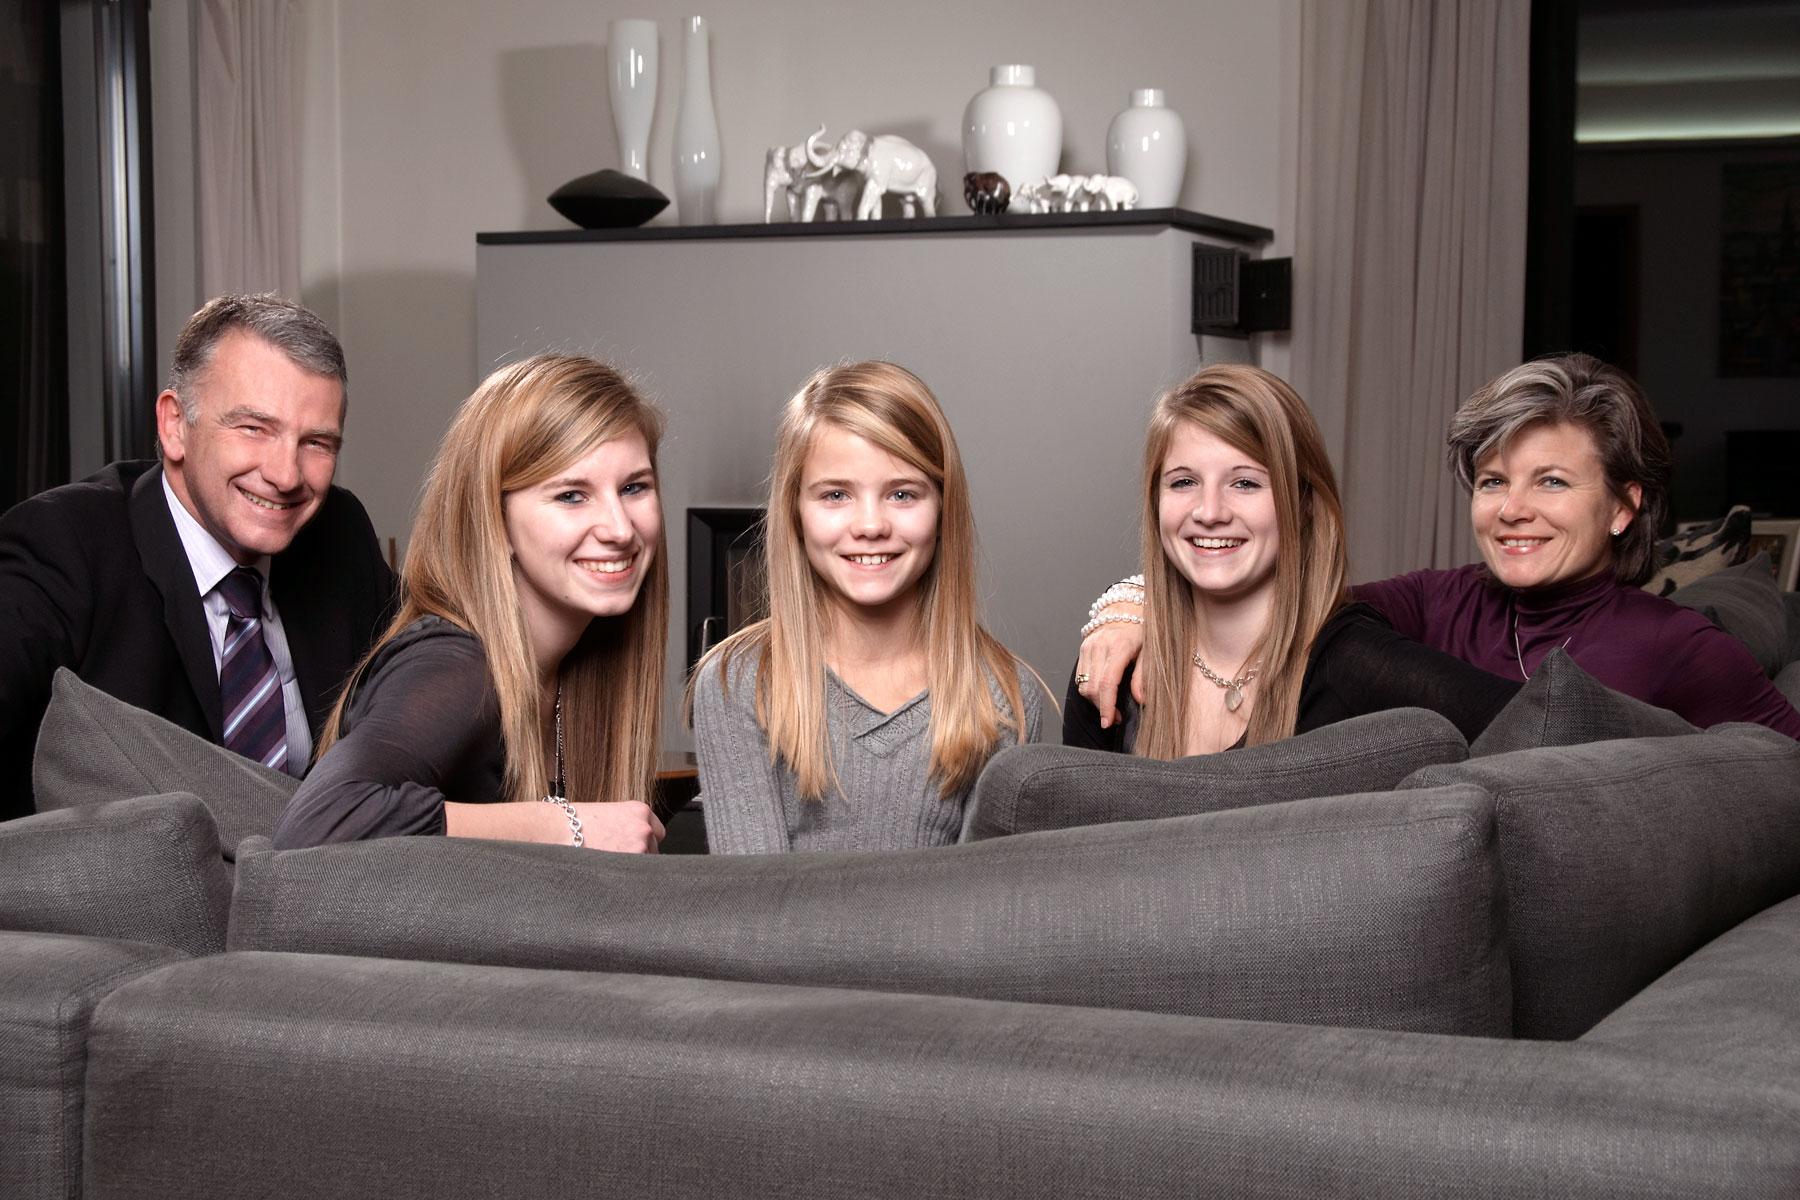 Familienfotos im eigenen Wohnzimmer